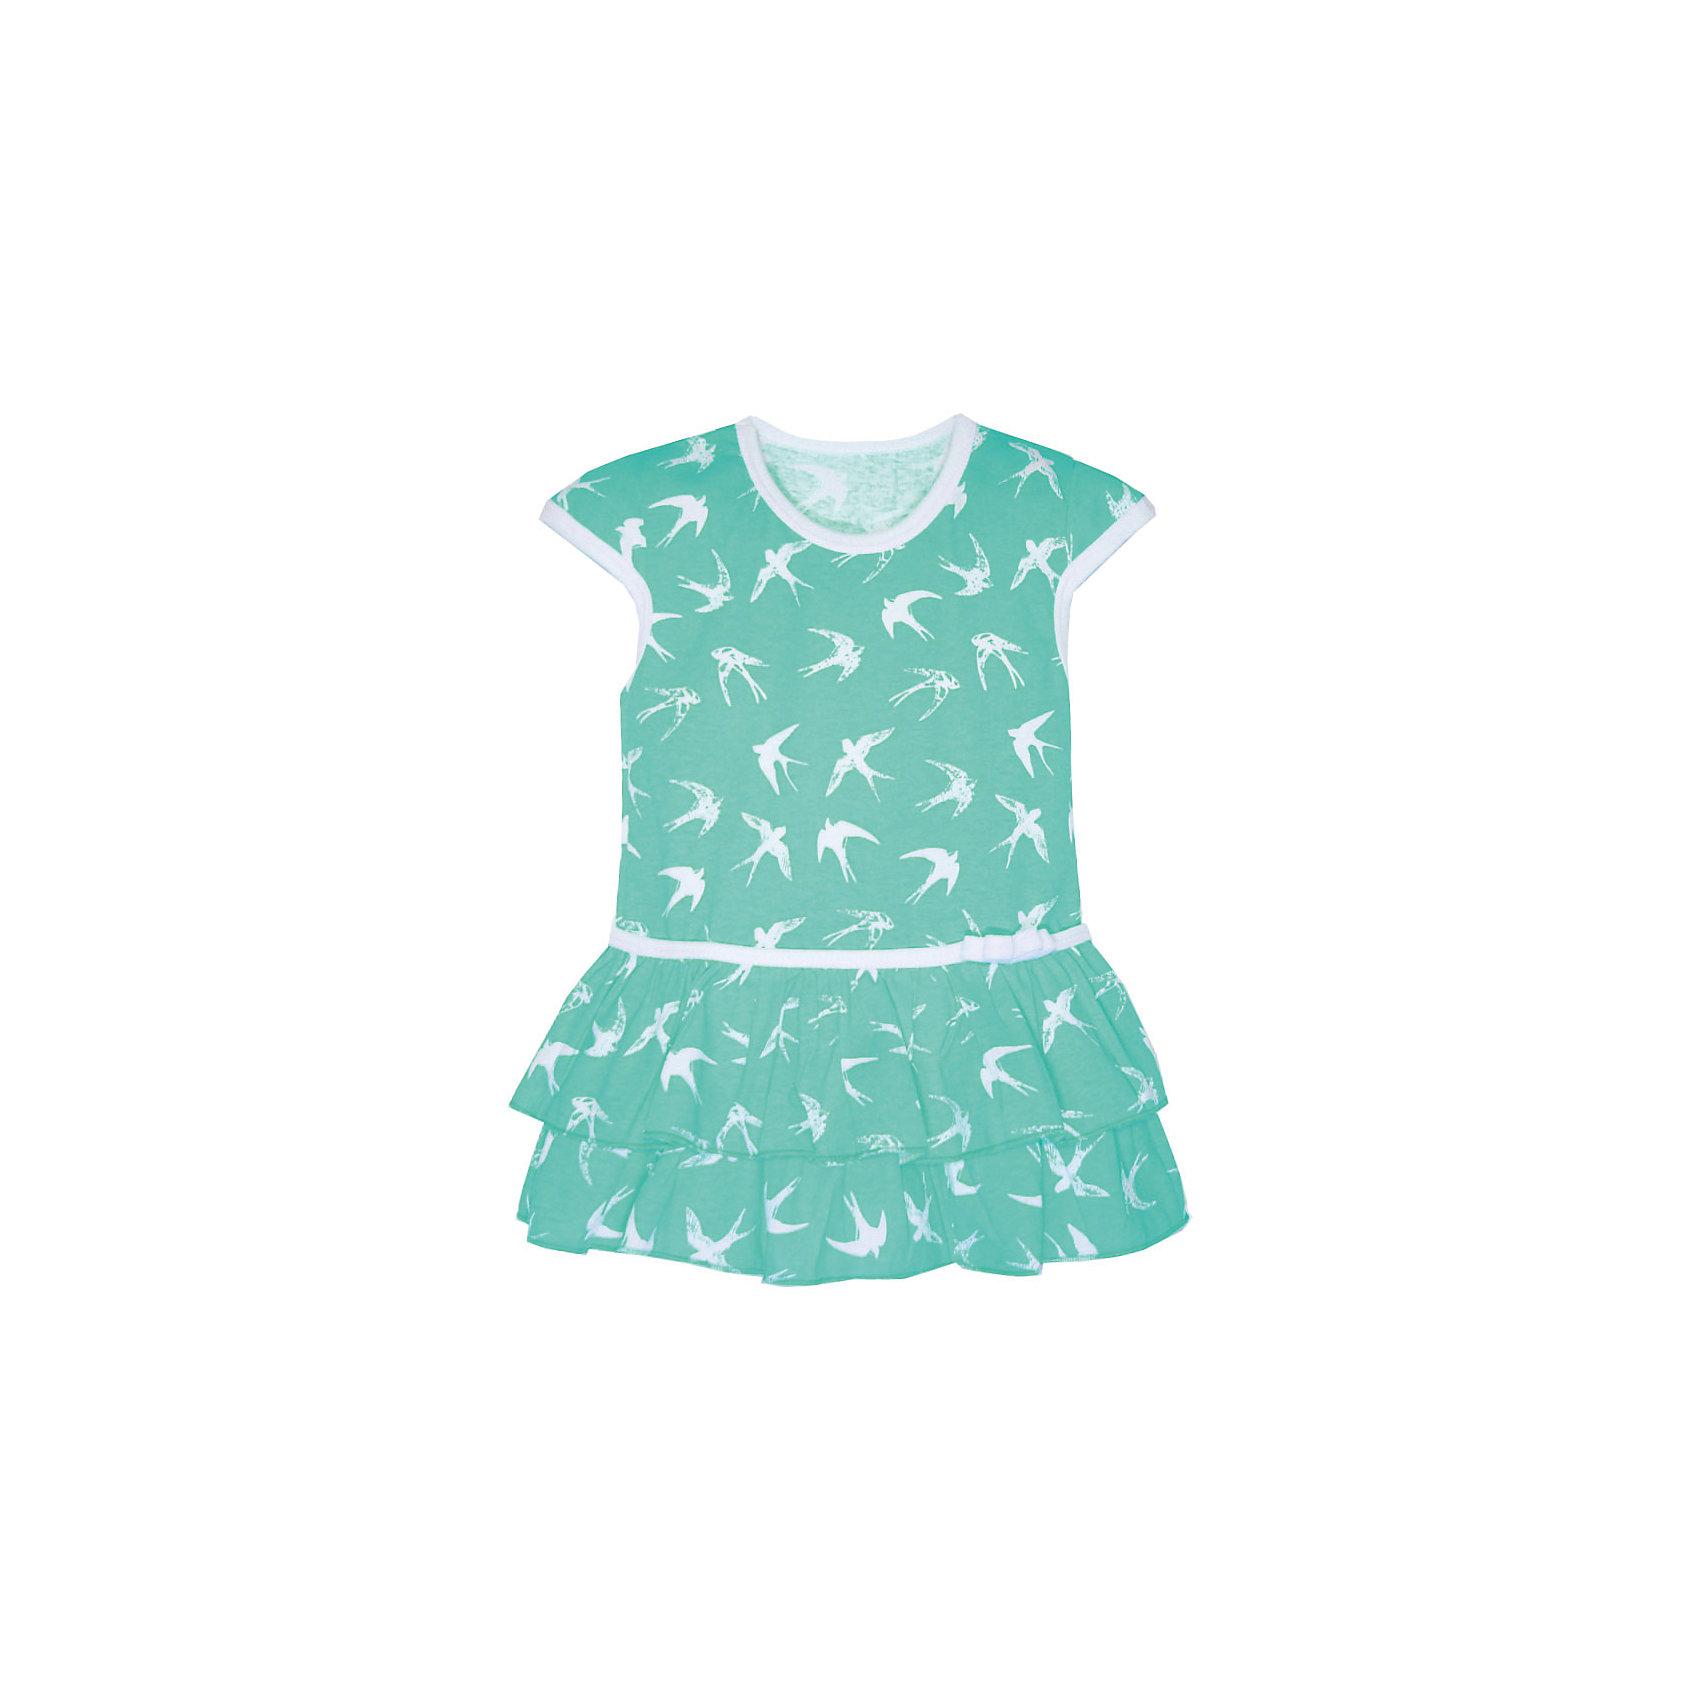 Платье для девочки KotMarKotПлатья и сарафаны<br>Платье для девочки KotMarKot<br>Состав:<br>100% хлопок<br><br>Ширина мм: 236<br>Глубина мм: 16<br>Высота мм: 184<br>Вес г: 177<br>Цвет: зеленый<br>Возраст от месяцев: 72<br>Возраст до месяцев: 84<br>Пол: Женский<br>Возраст: Детский<br>Размер: 122,92,98,104,110,116<br>SKU: 6755168